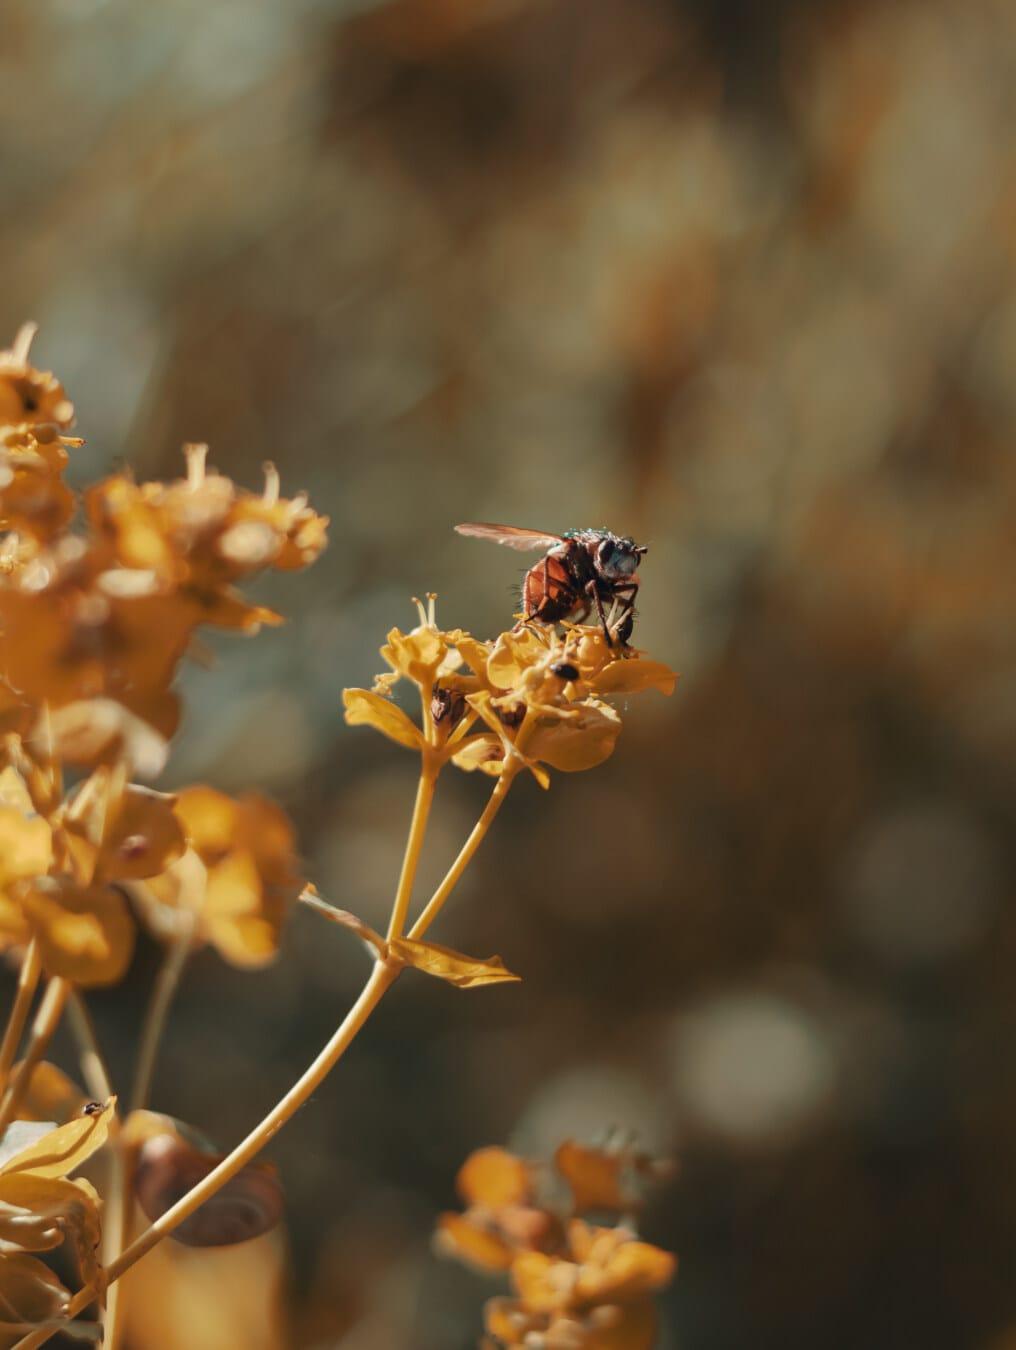 vinge, posas, insekt, kvist, sommarsäsongen, detaljer, detalj, djur, djur, biologi